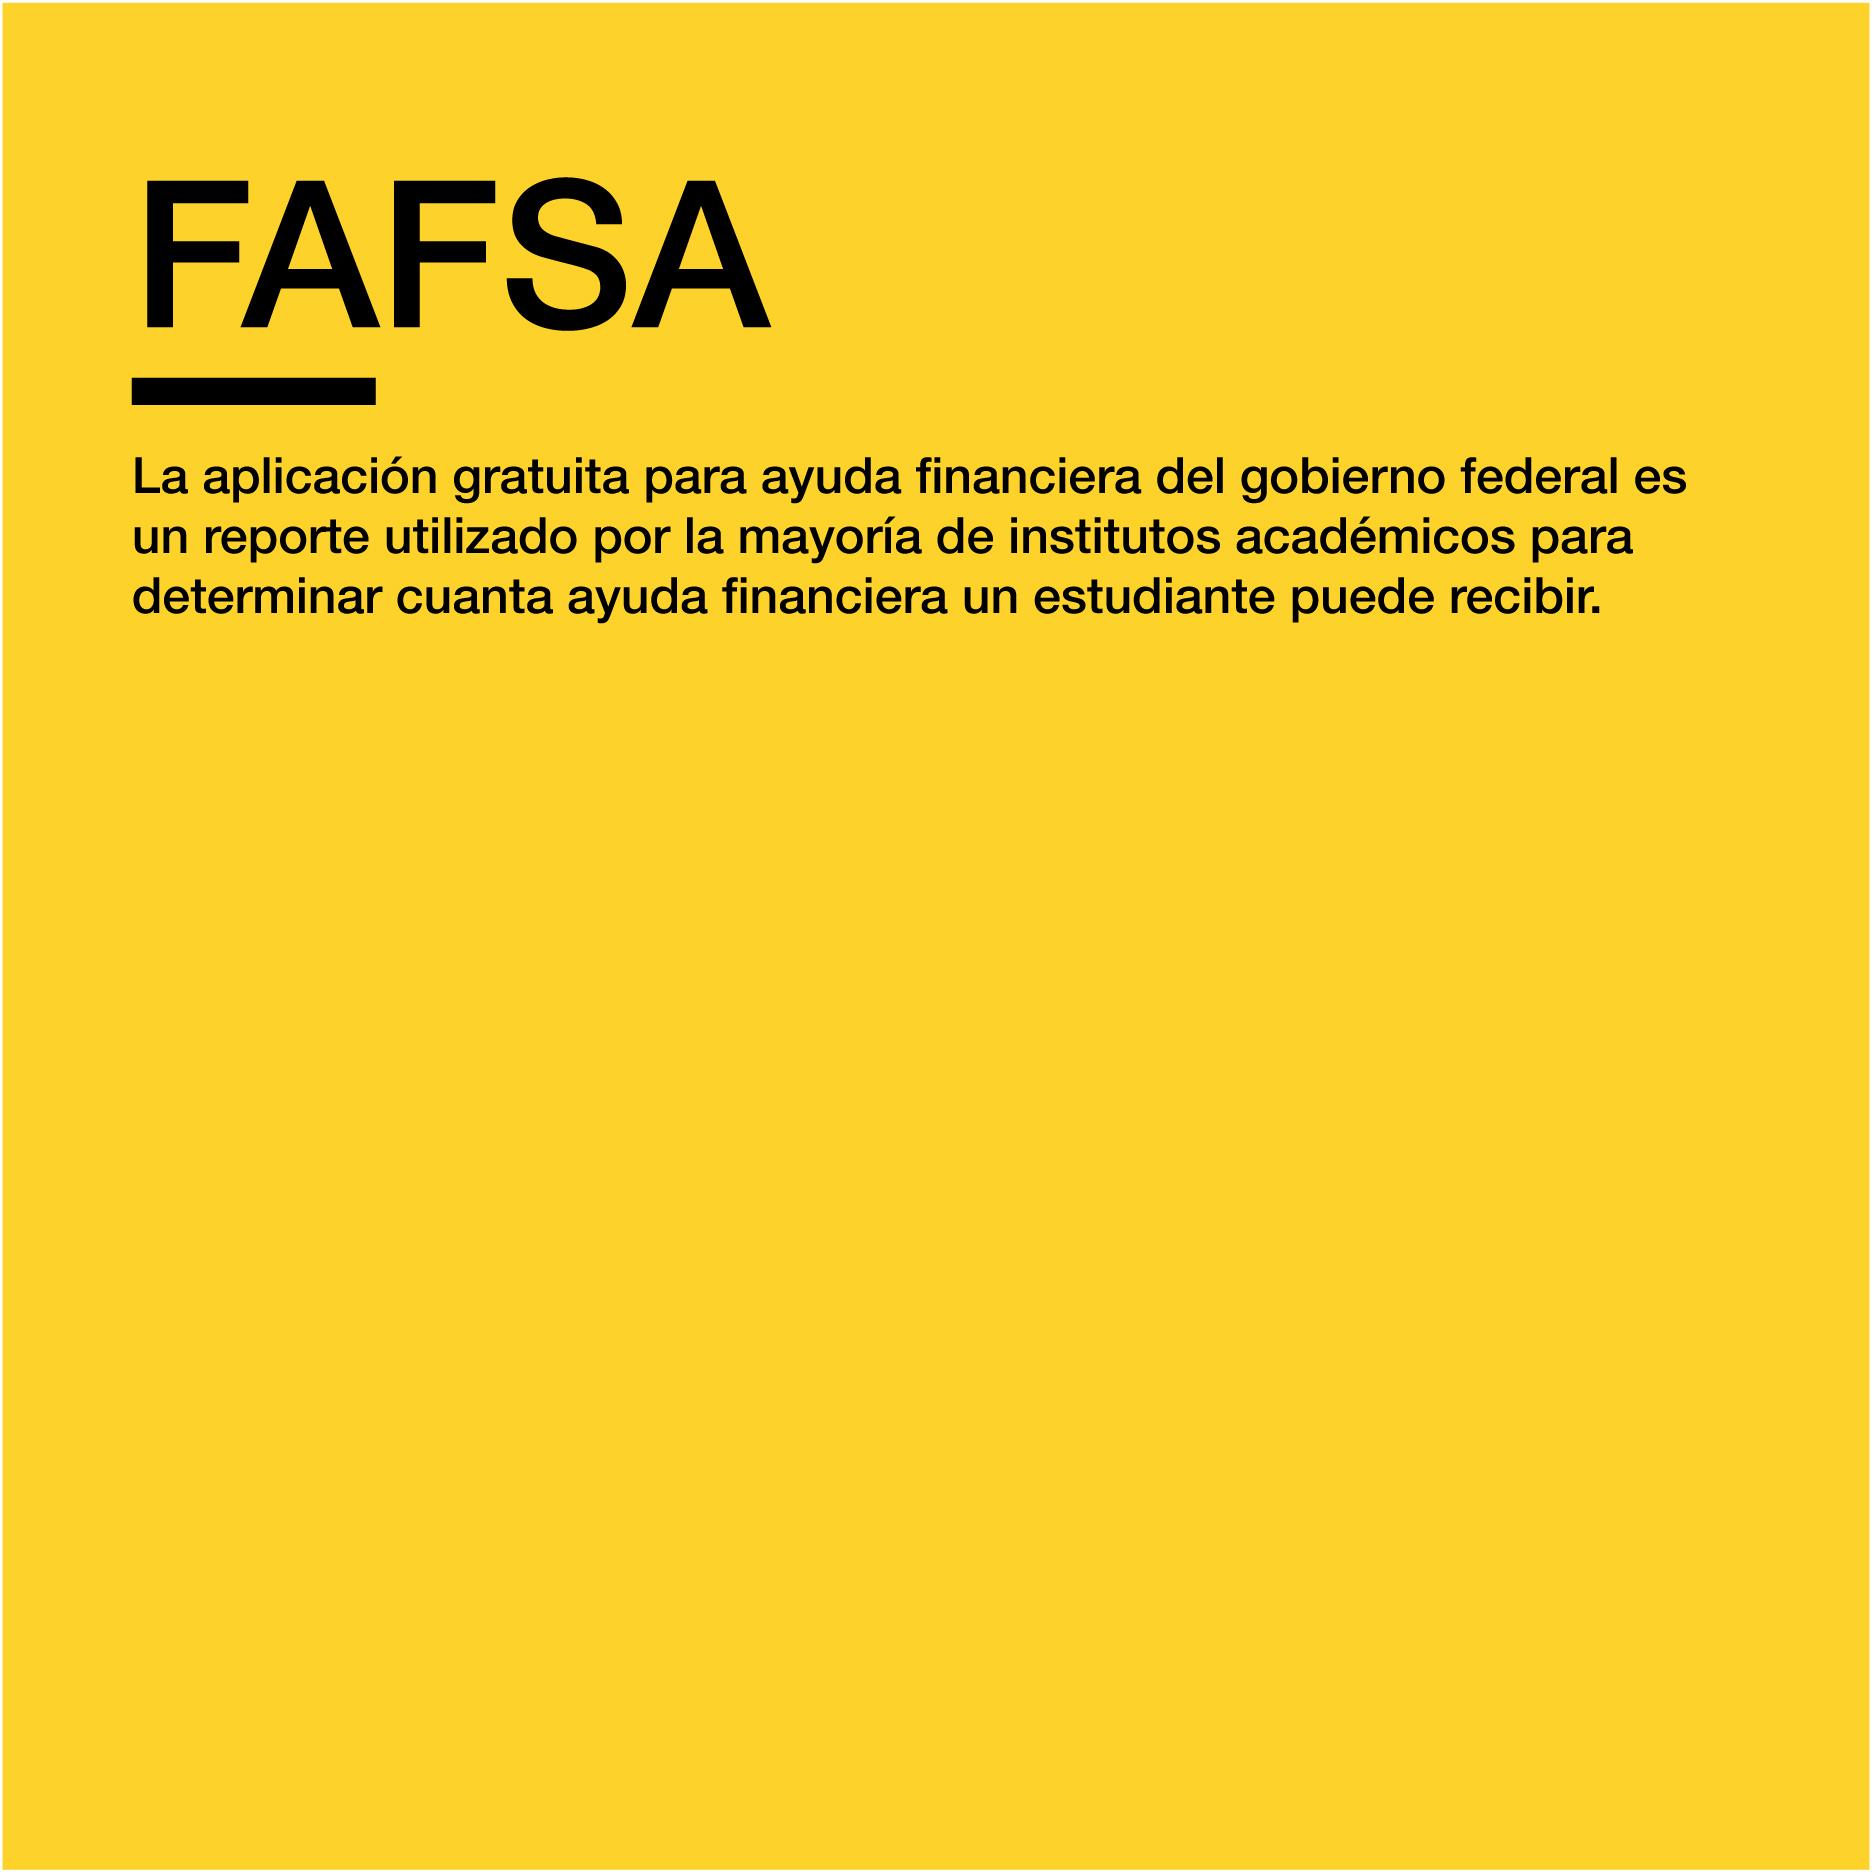 para más información:  https://studentaid.ed.gov/sa/es/fafsa/filling-out/help